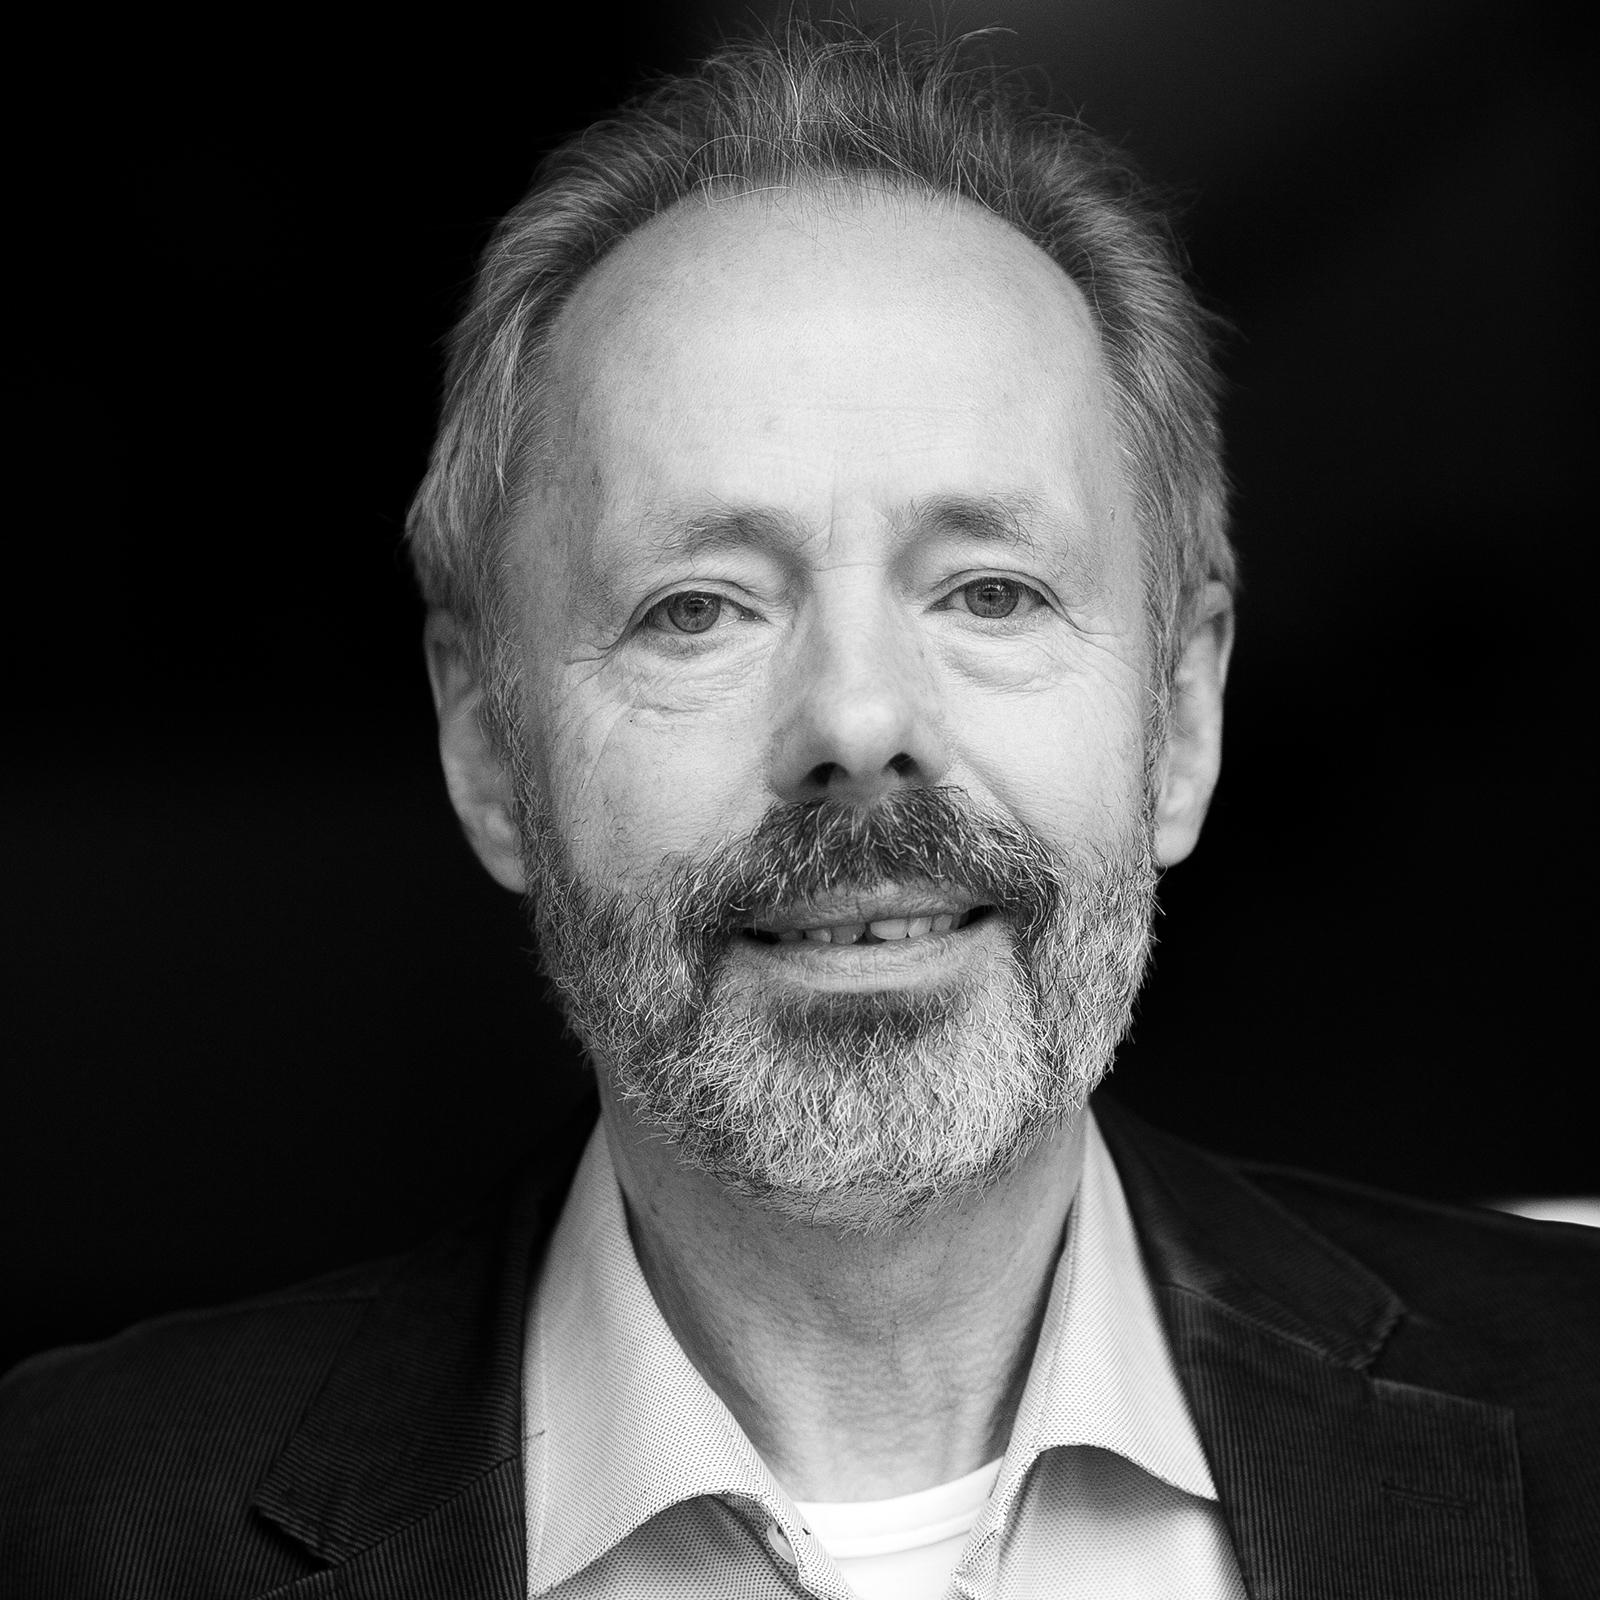 Niels-Jørn Hjorth